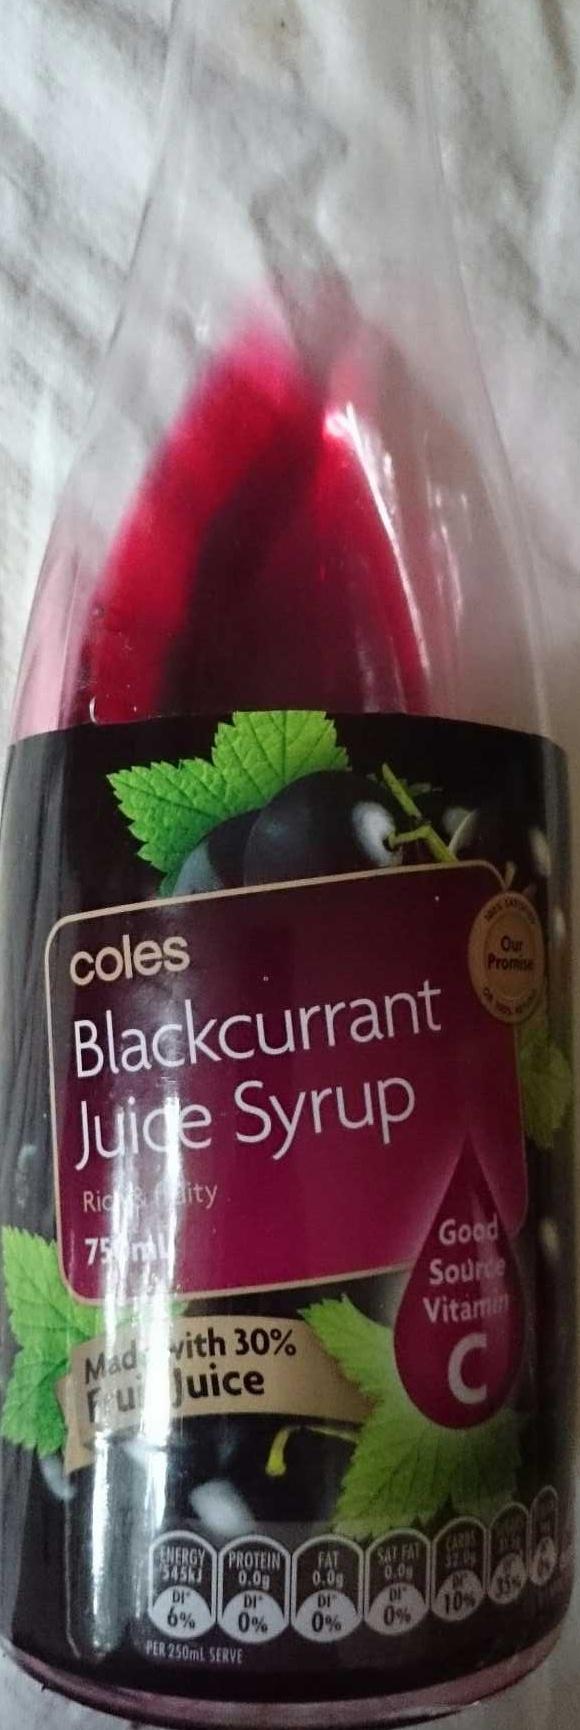 Blackcurrant juice syrup - Produit - en